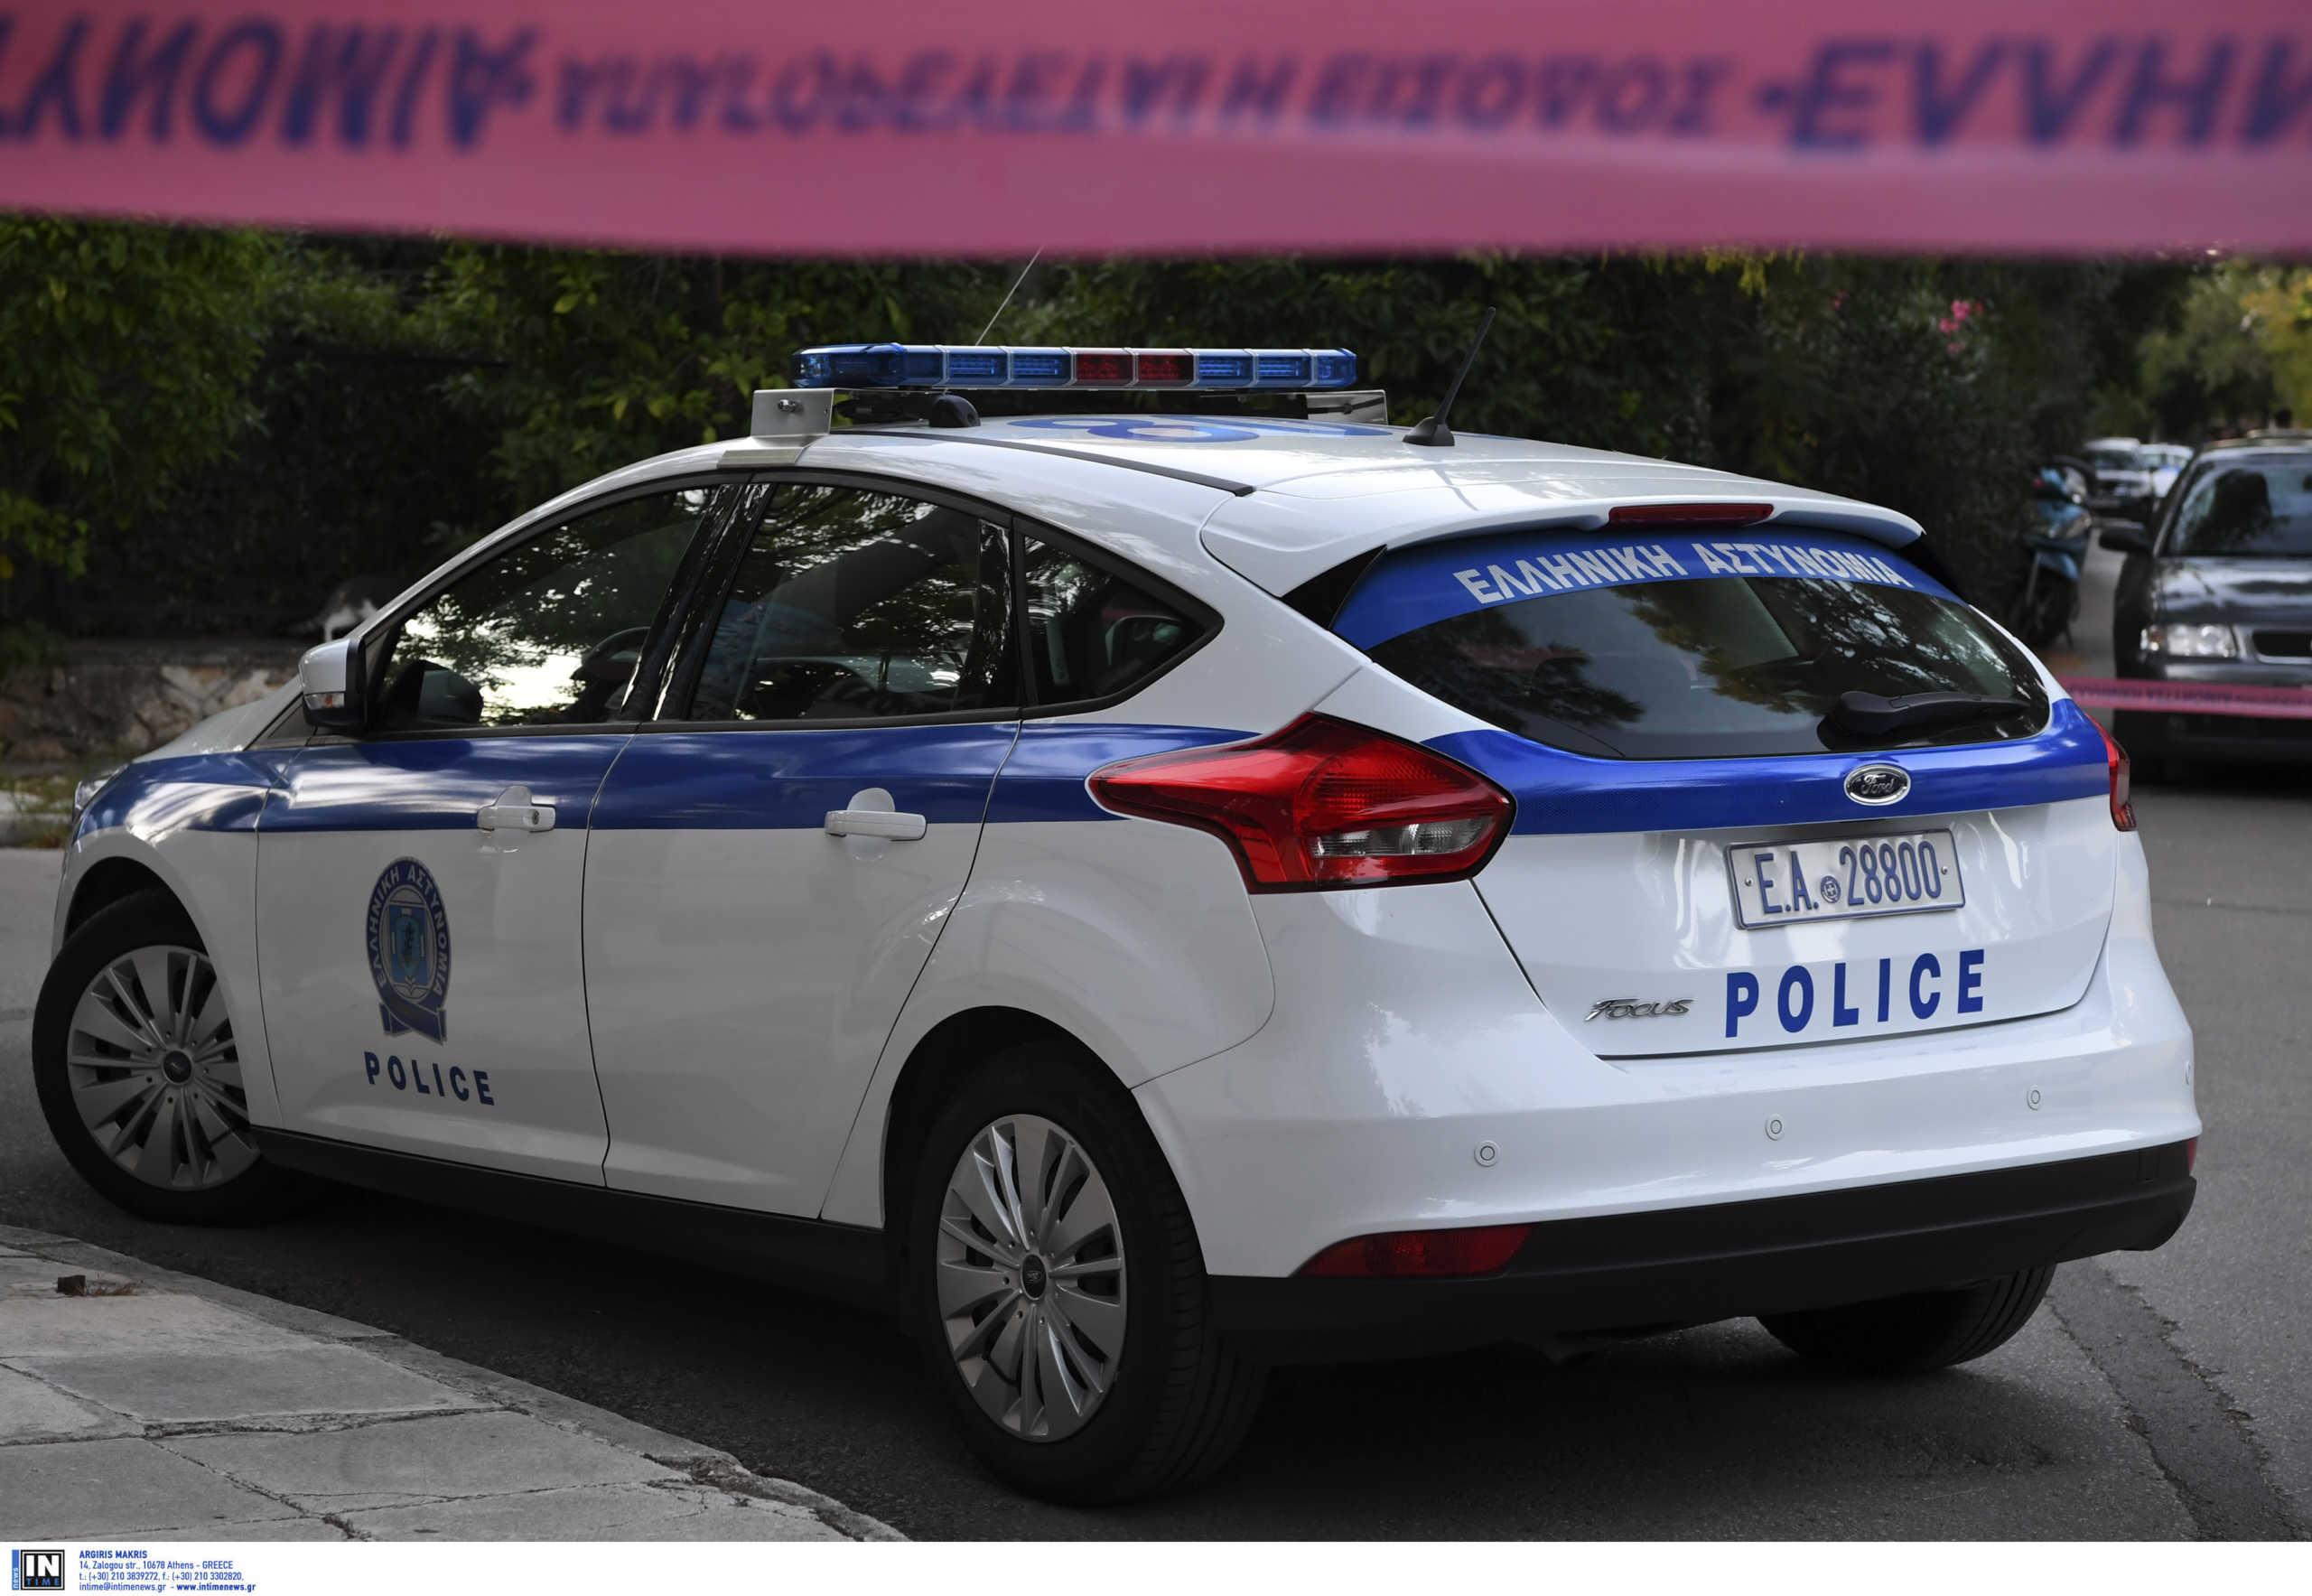 Είχε ραντεβού με τους δολοφόνους του! Νέα στοιχεία για τους πυροβολισμούς στο Παλαιό Φάληρο